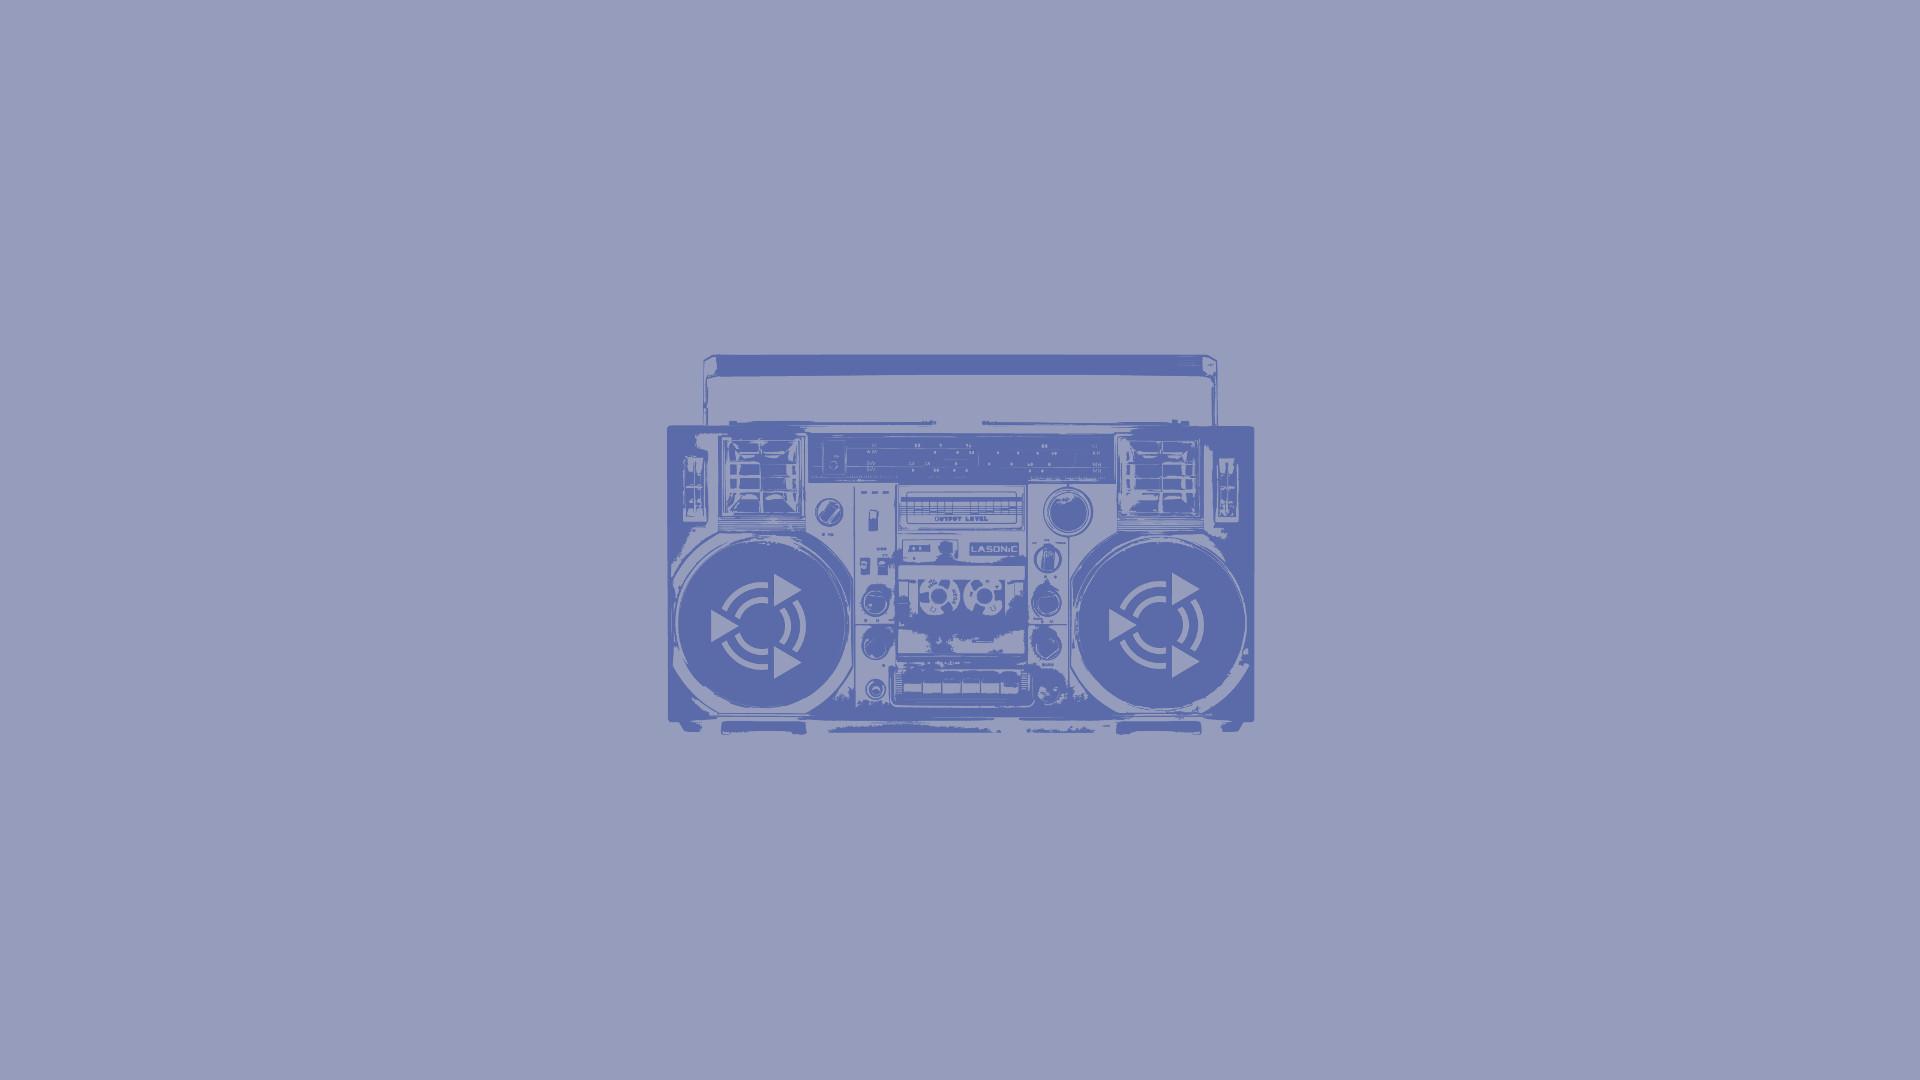 Res: 1920x1080, Boom Box Blue.jpg 84 KB